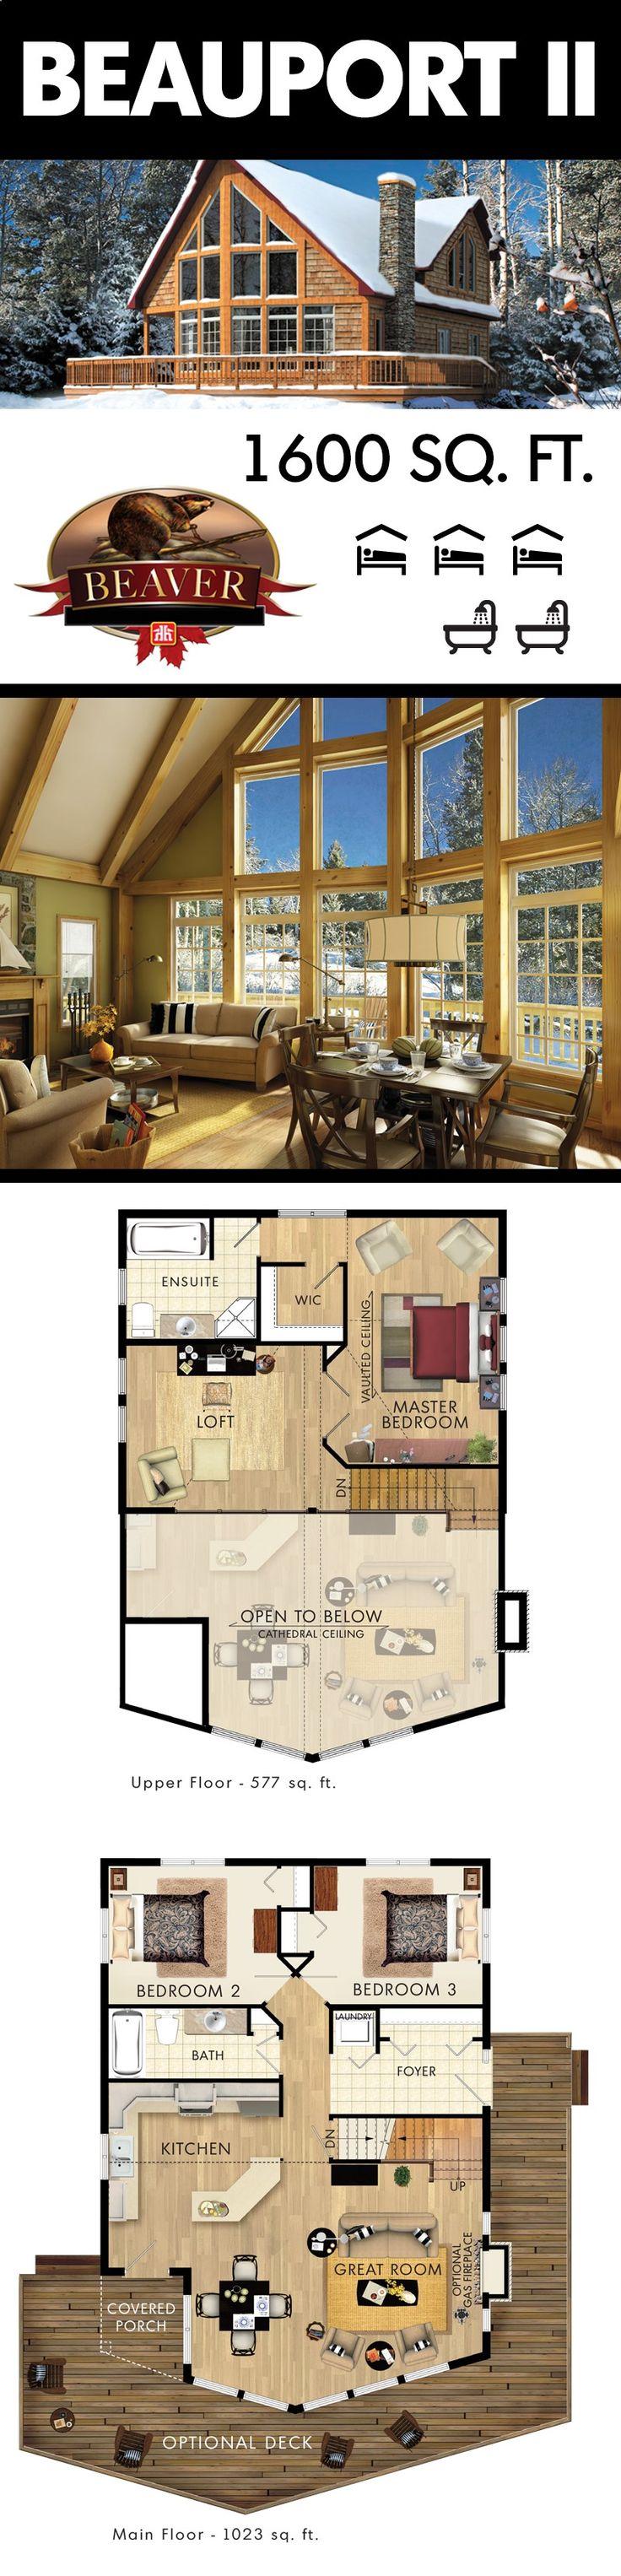 31e0a5da8a8027b4f371a2c6e8f9863f Elegantes 3 Zimmer Wohnung Lörrach Dekorationen